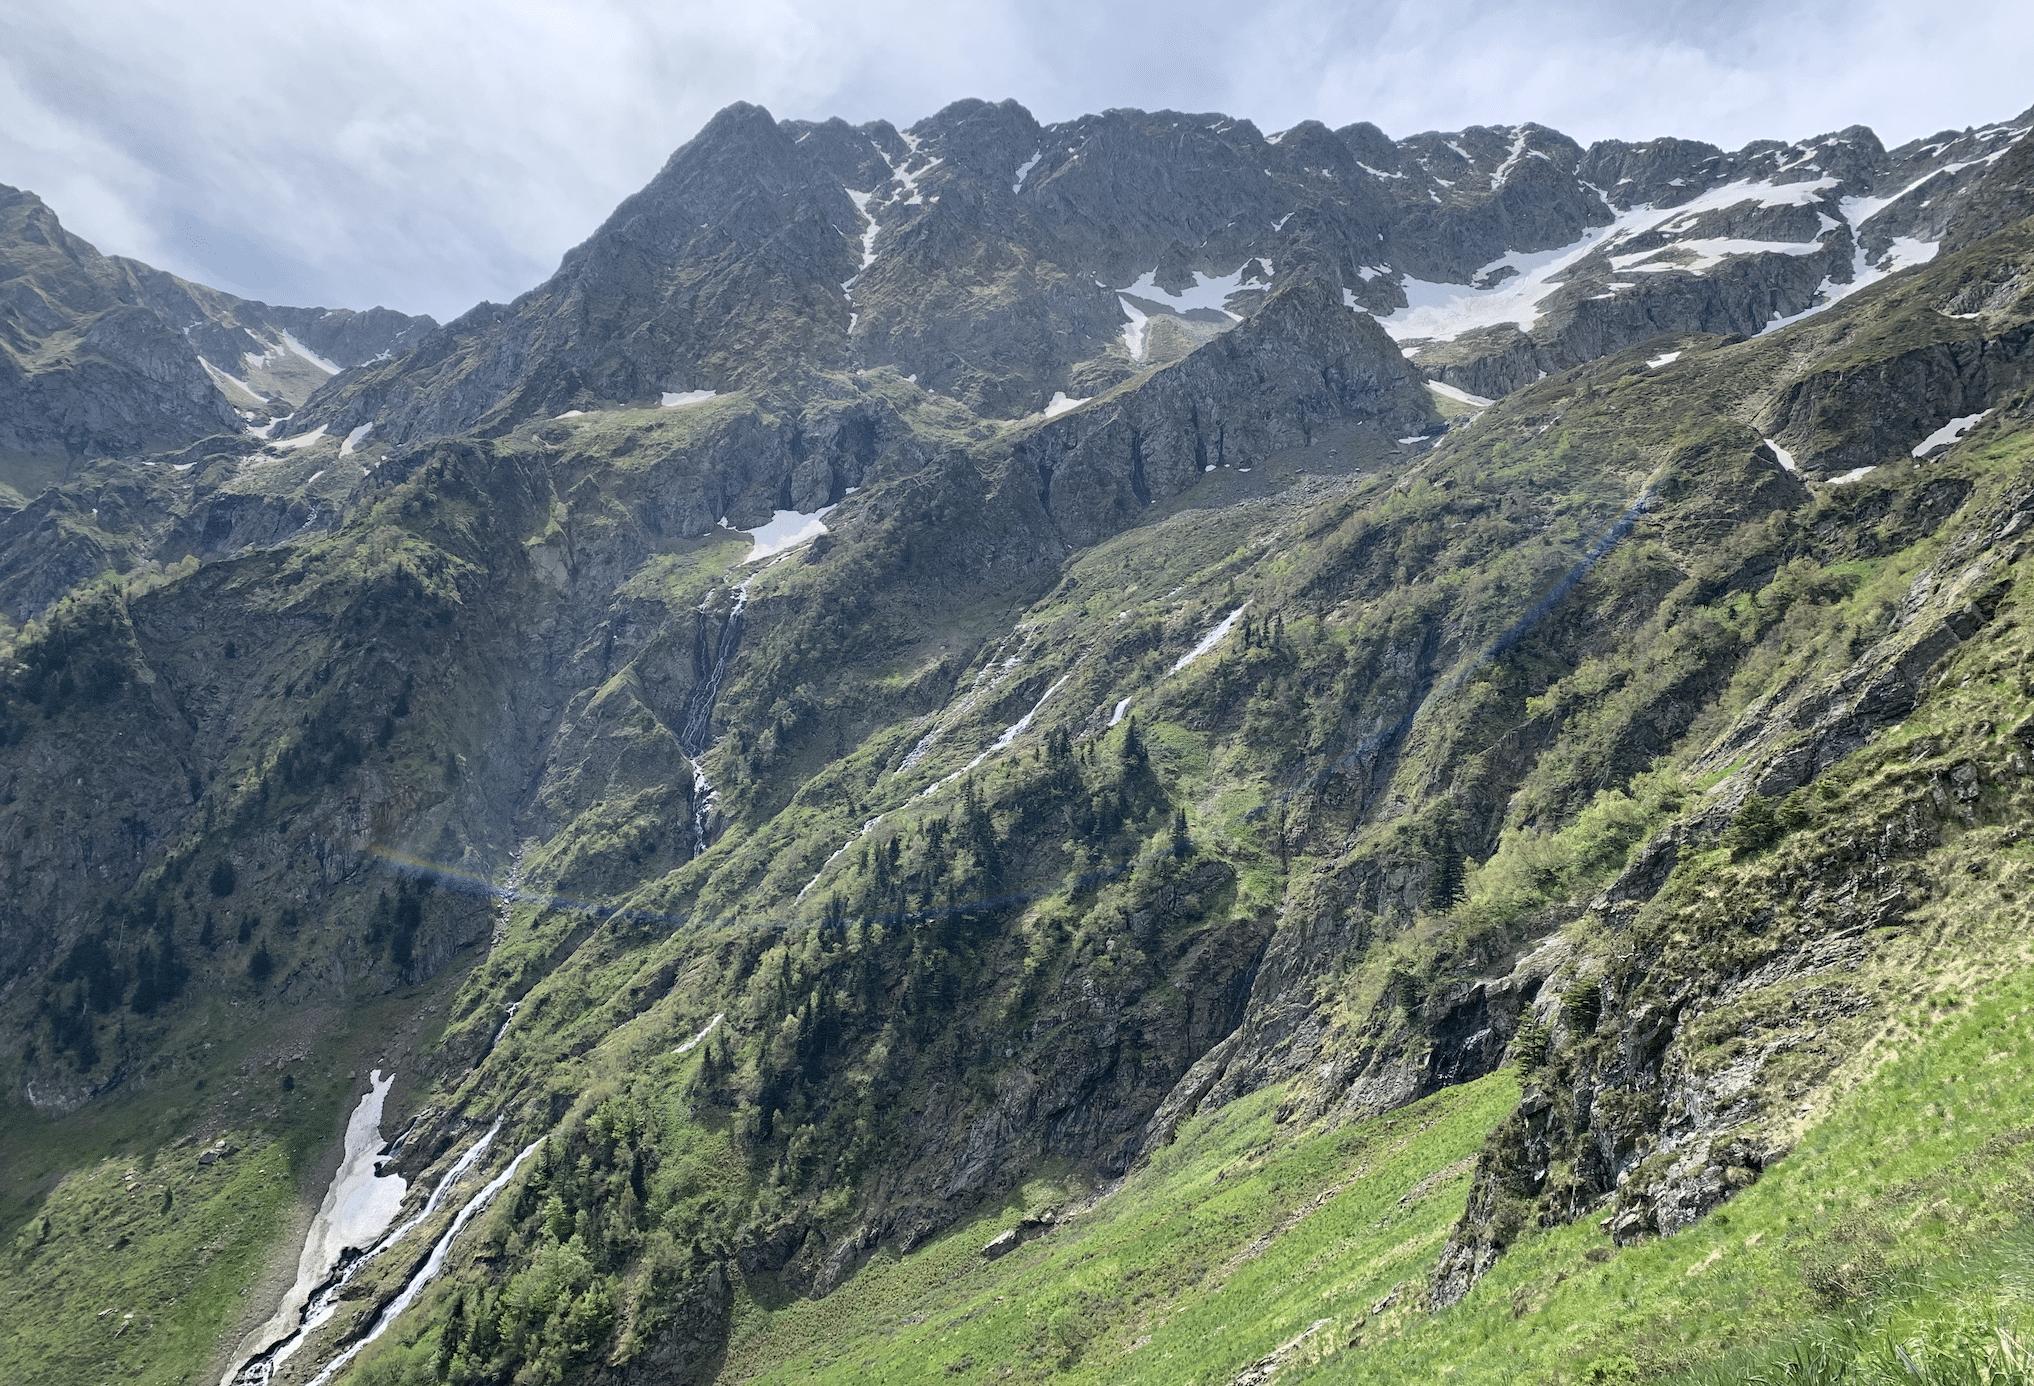 vue depuis le col de sacroux dans les pyrenees